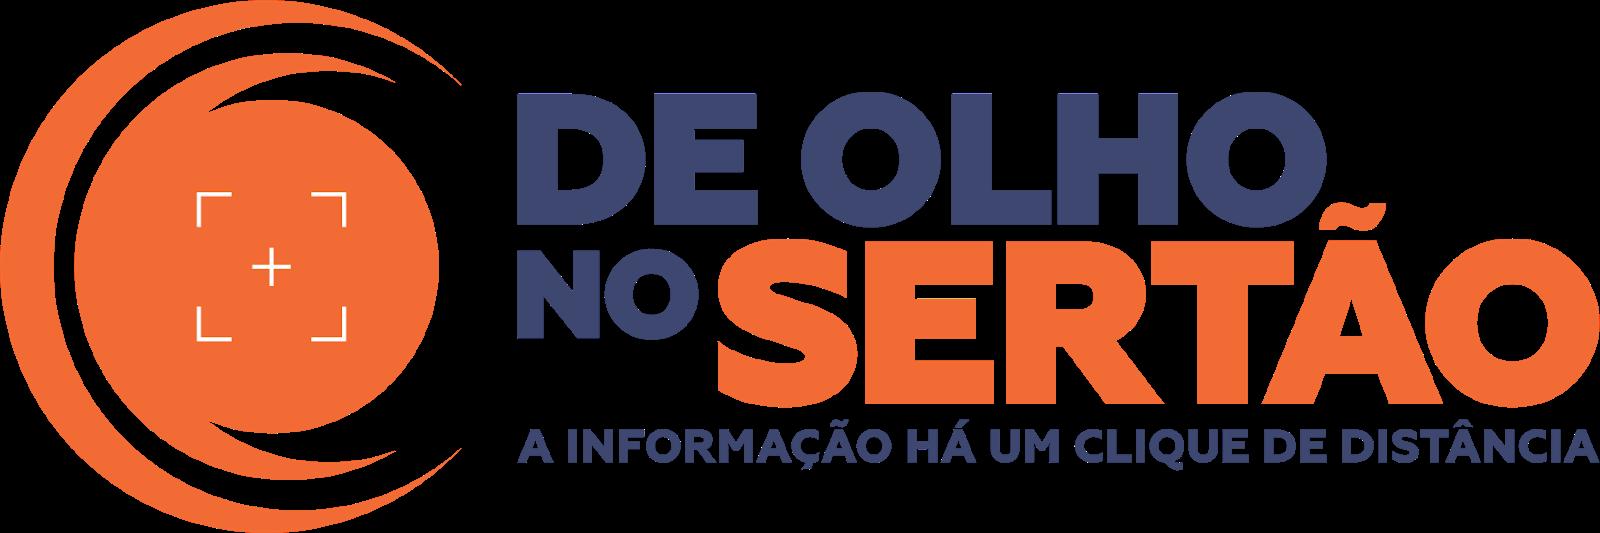 De Olho No Sertão